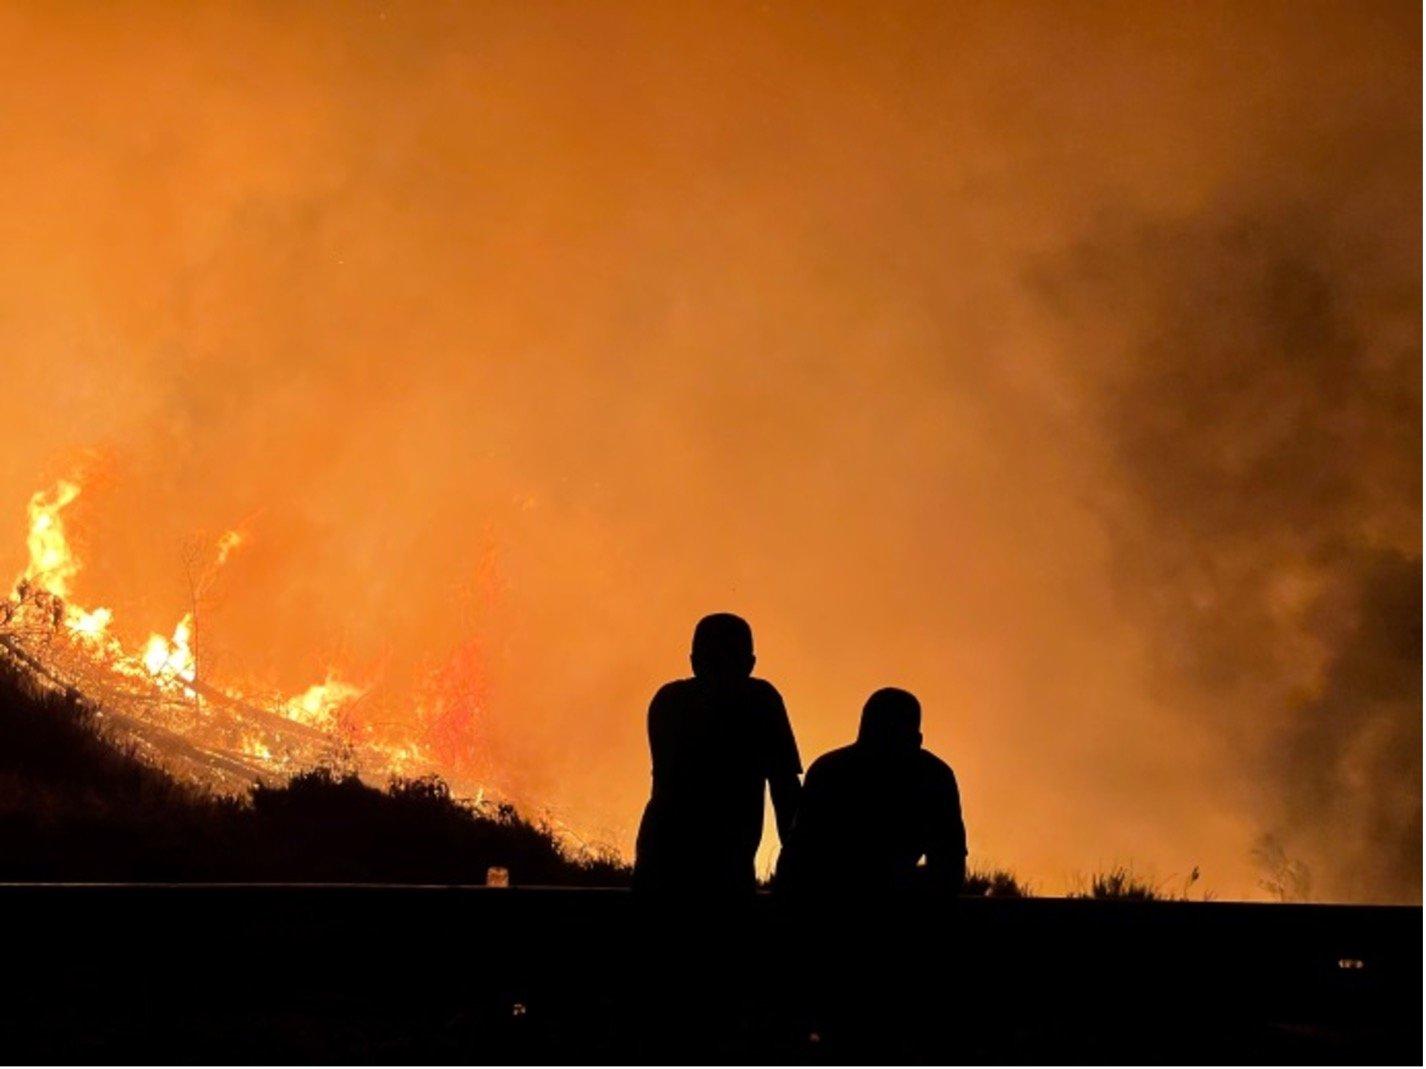 Incendie de forêt - catastrophe naturelle